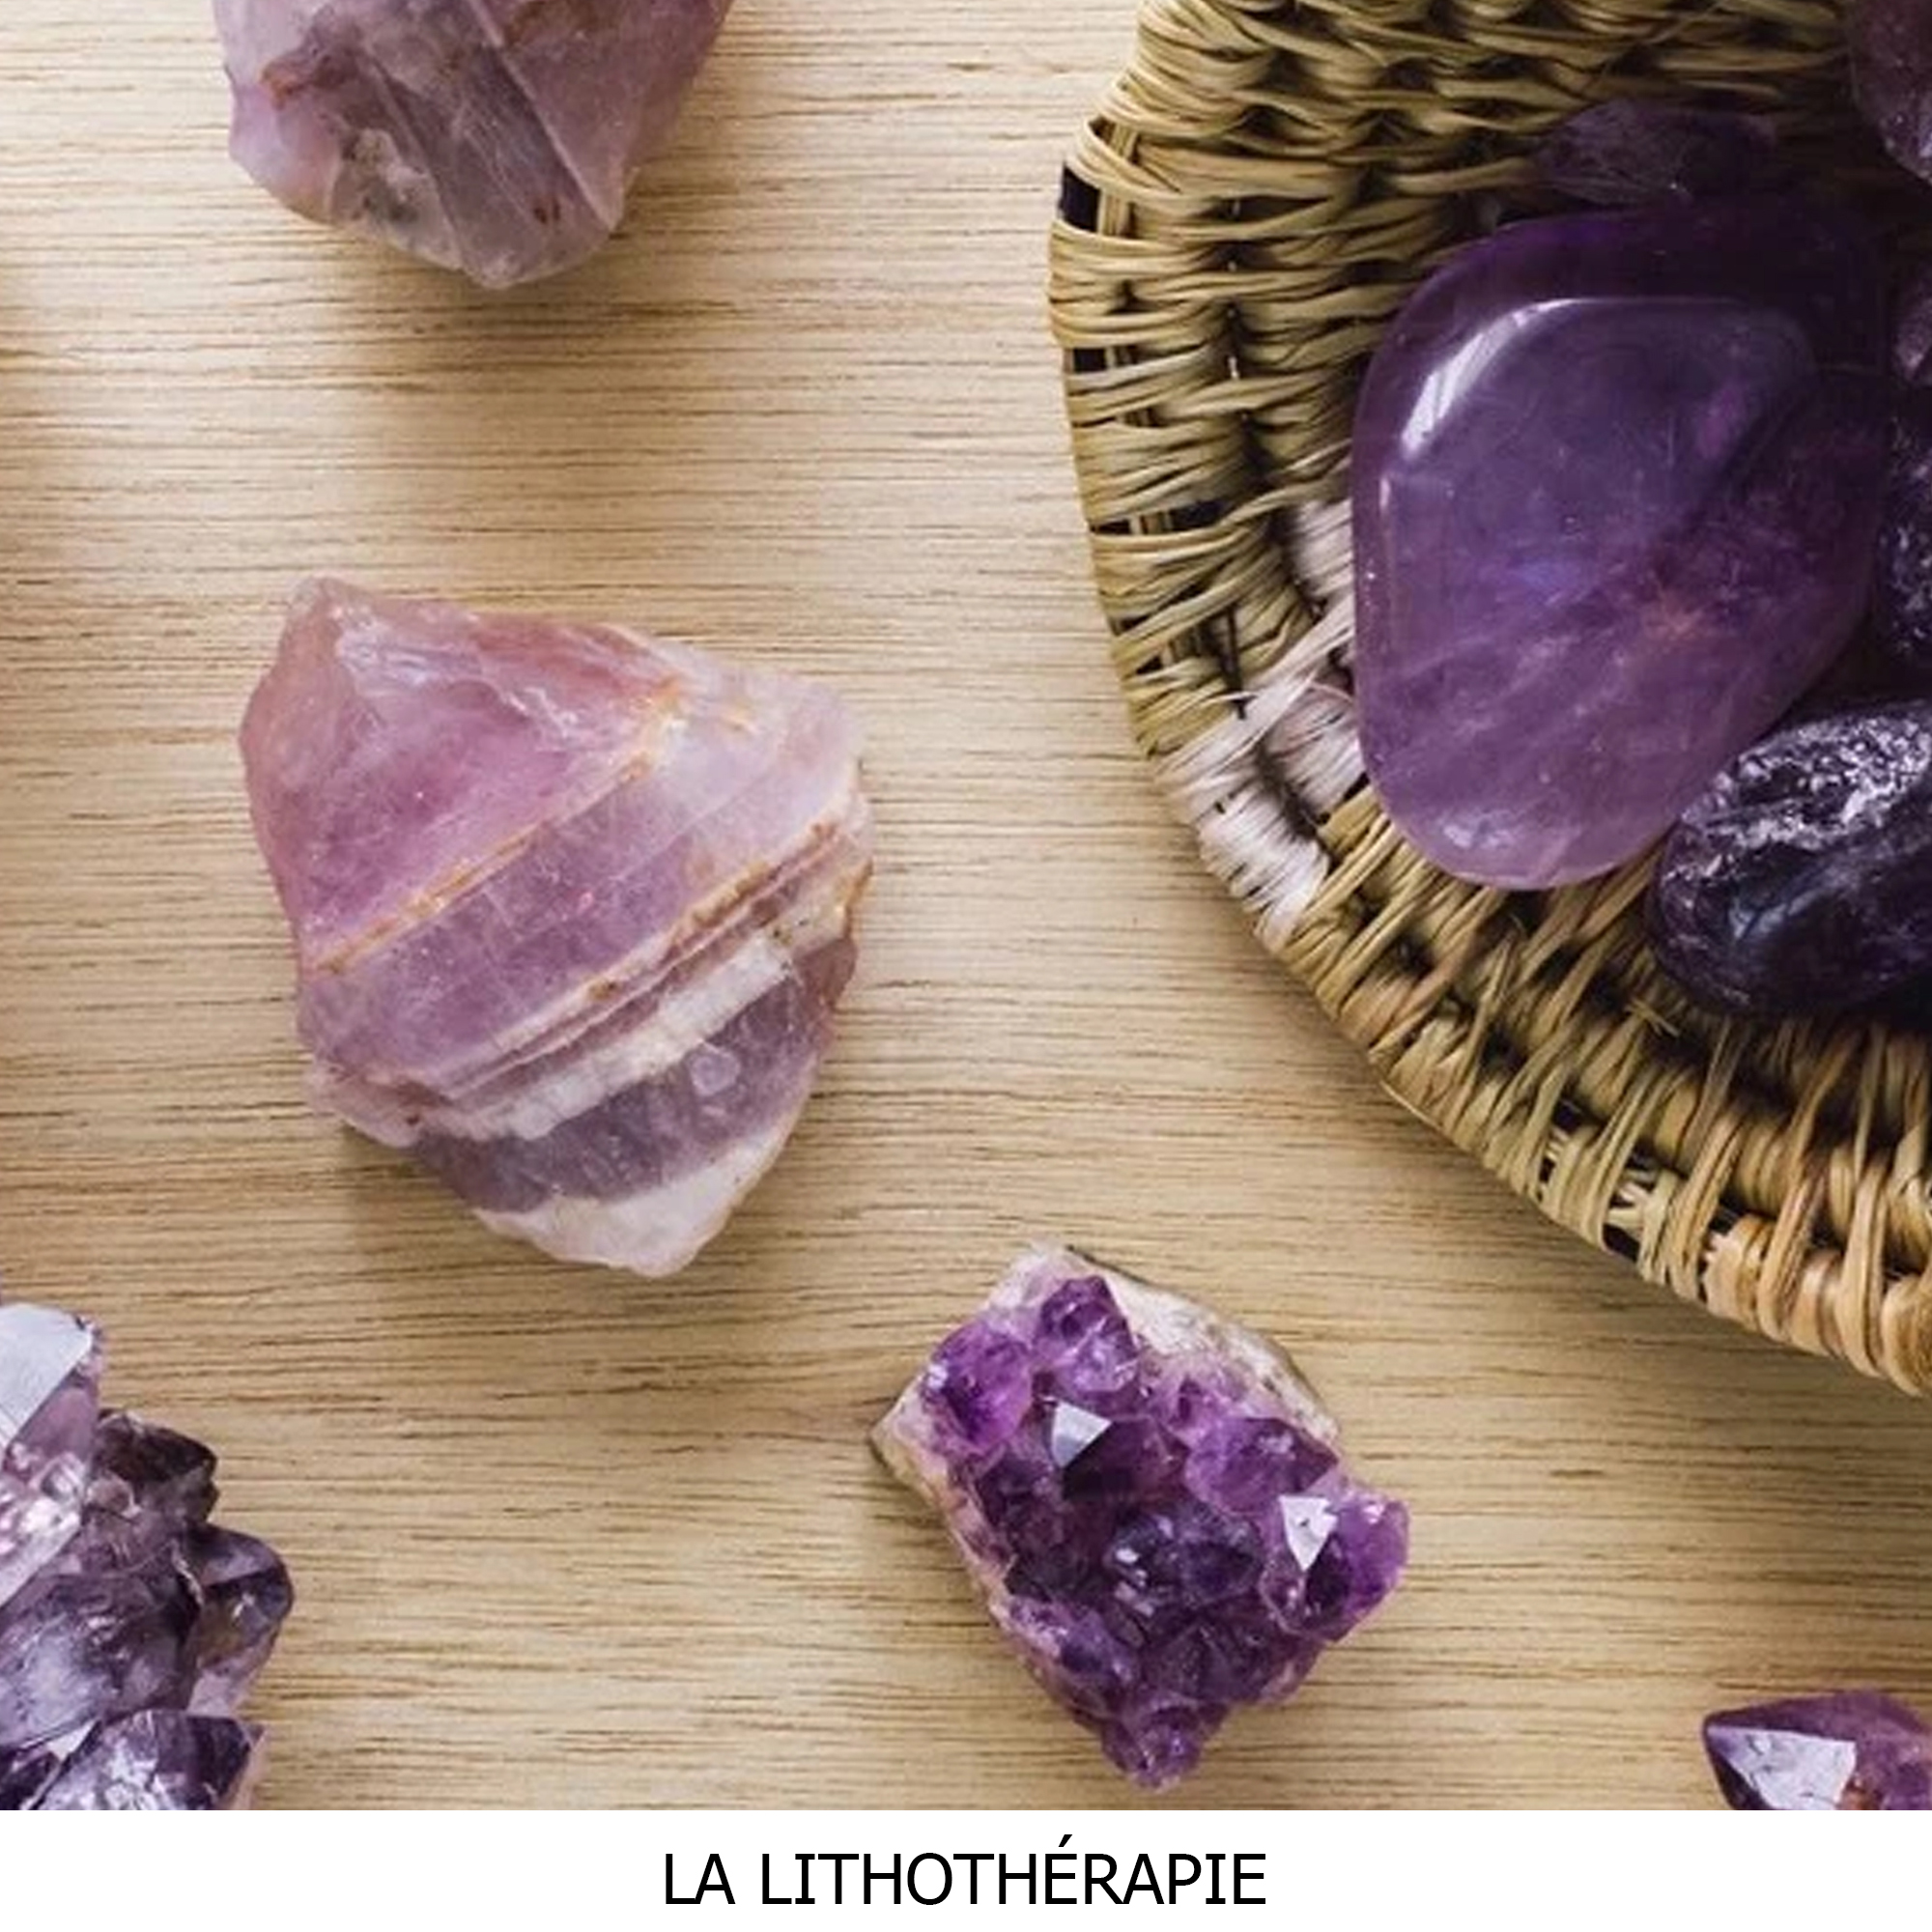 Partez à la découverte du soin par les pierres et les cristaux. Cette technique douce et holistique permet de soulager les maux quotidiens et spirituels.